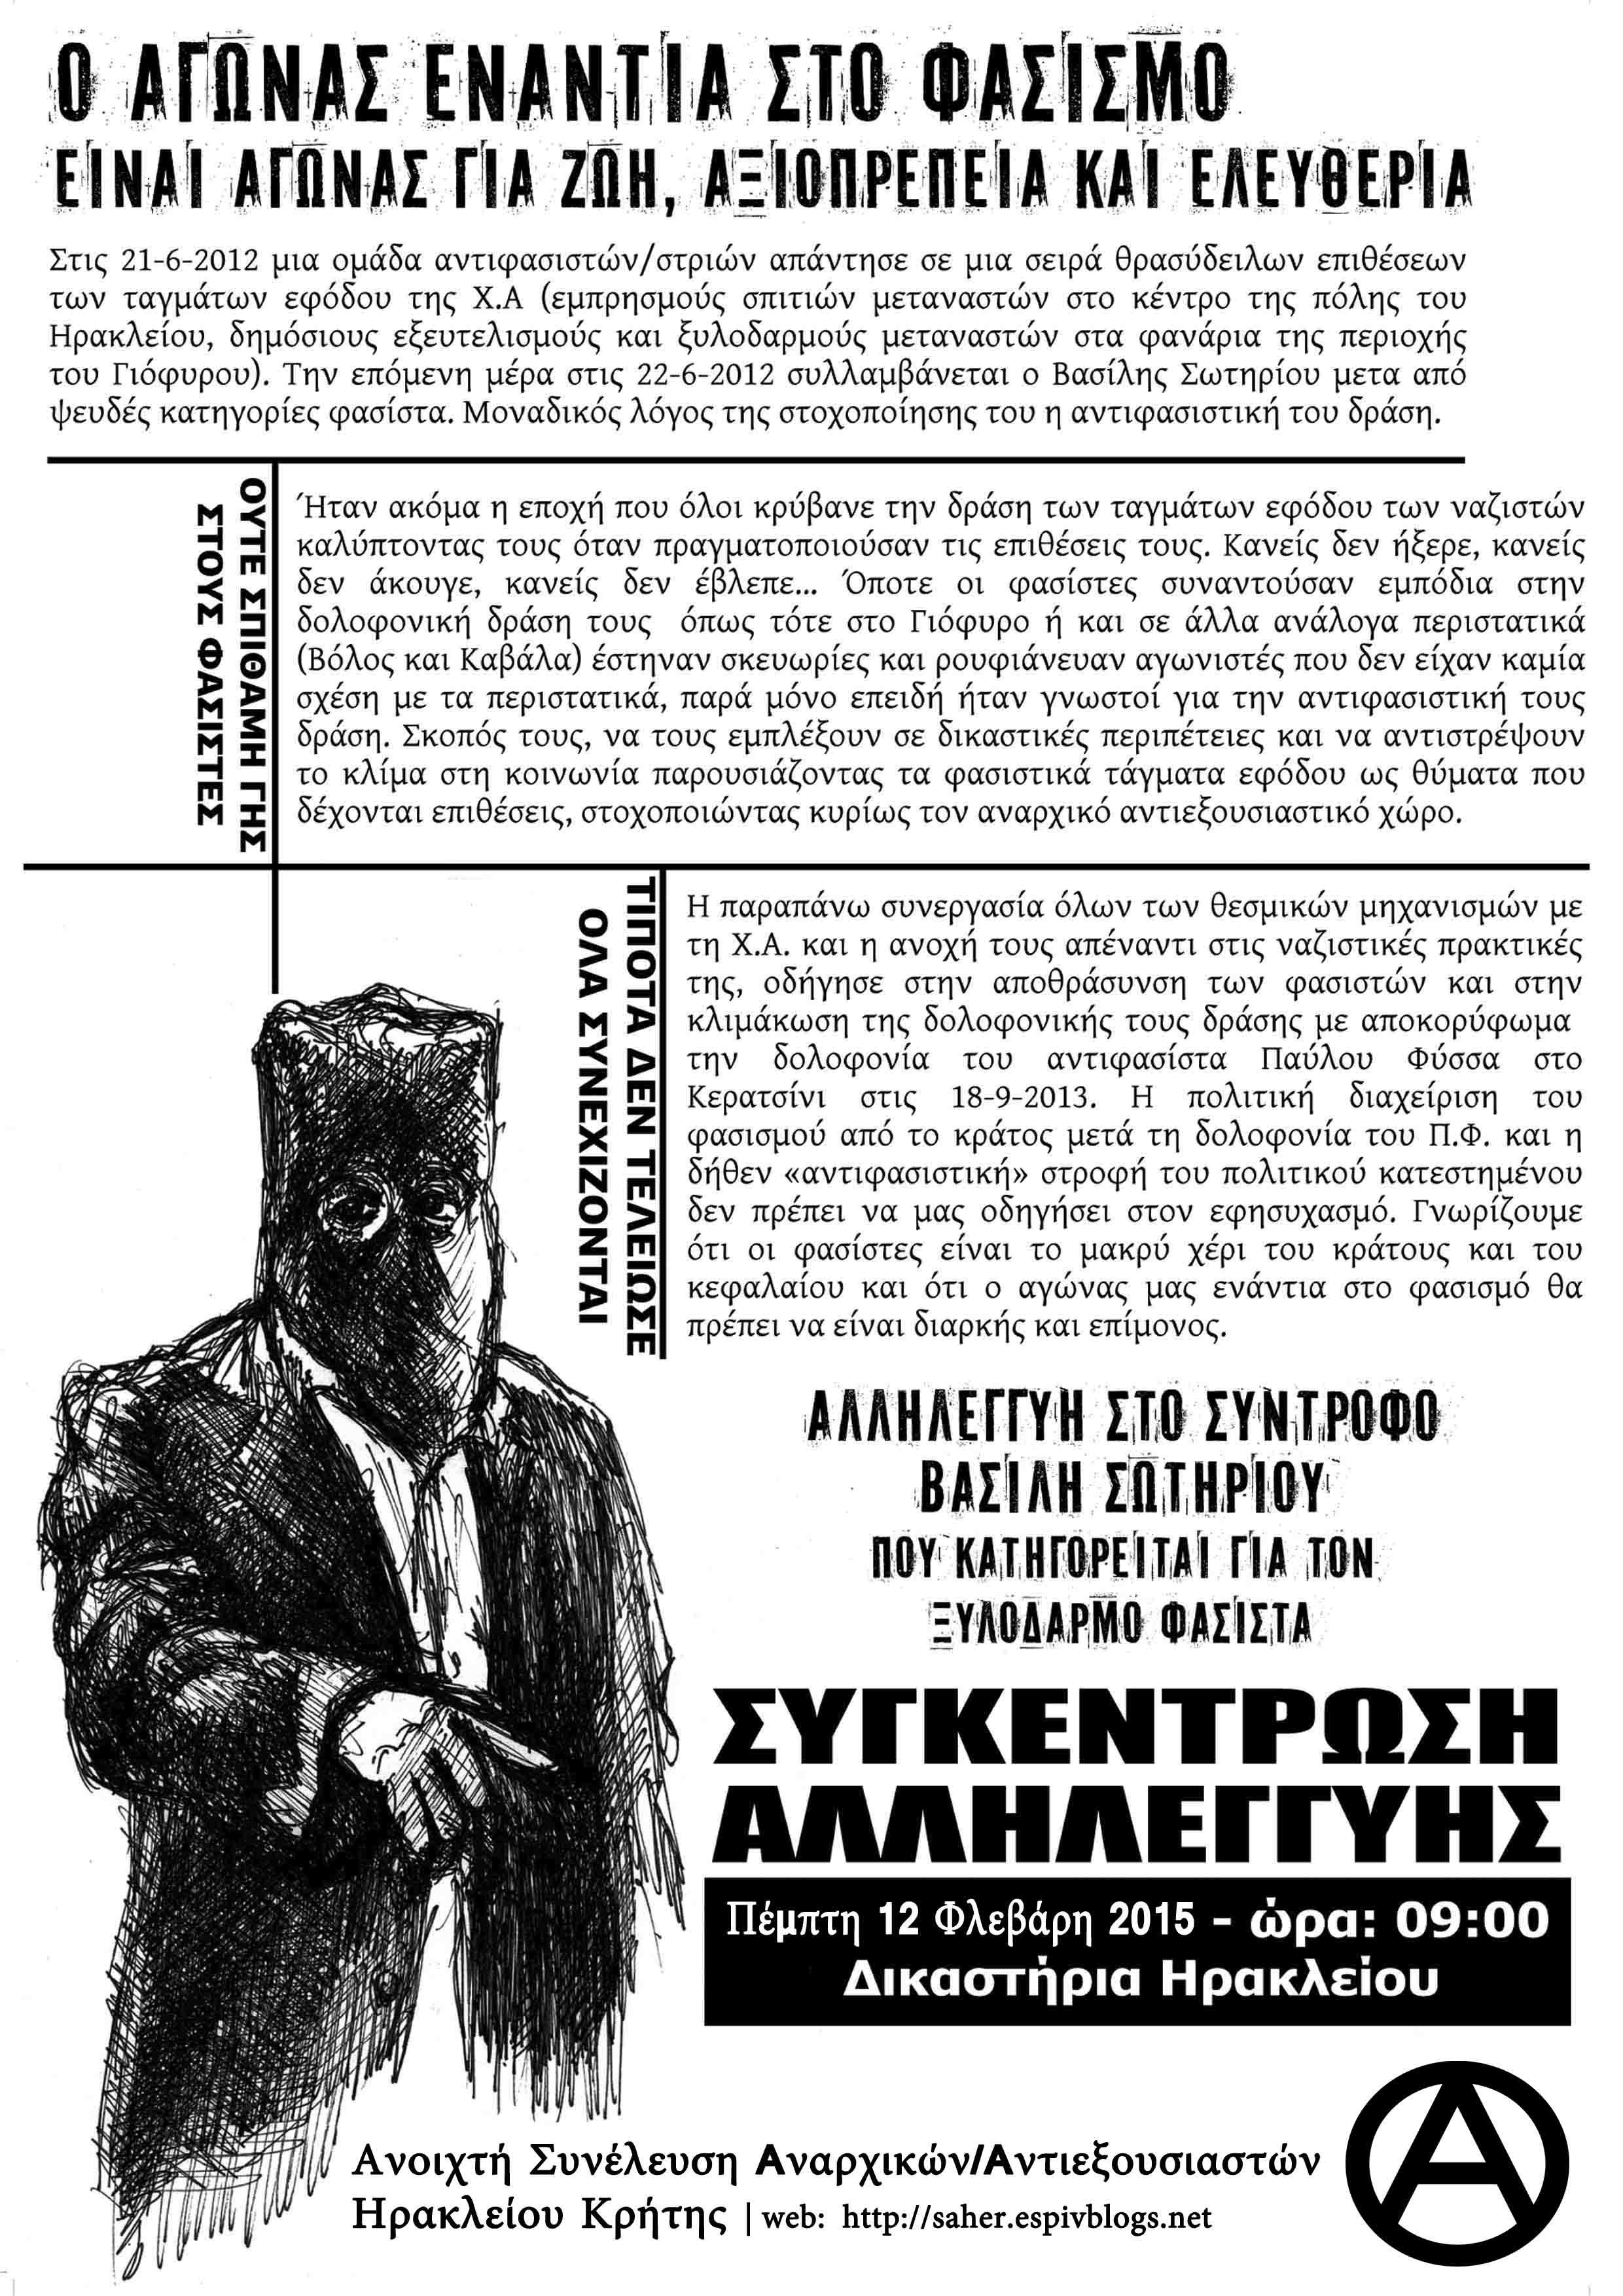 @ntifa-dikh-heraklio-12-2-15-WEB